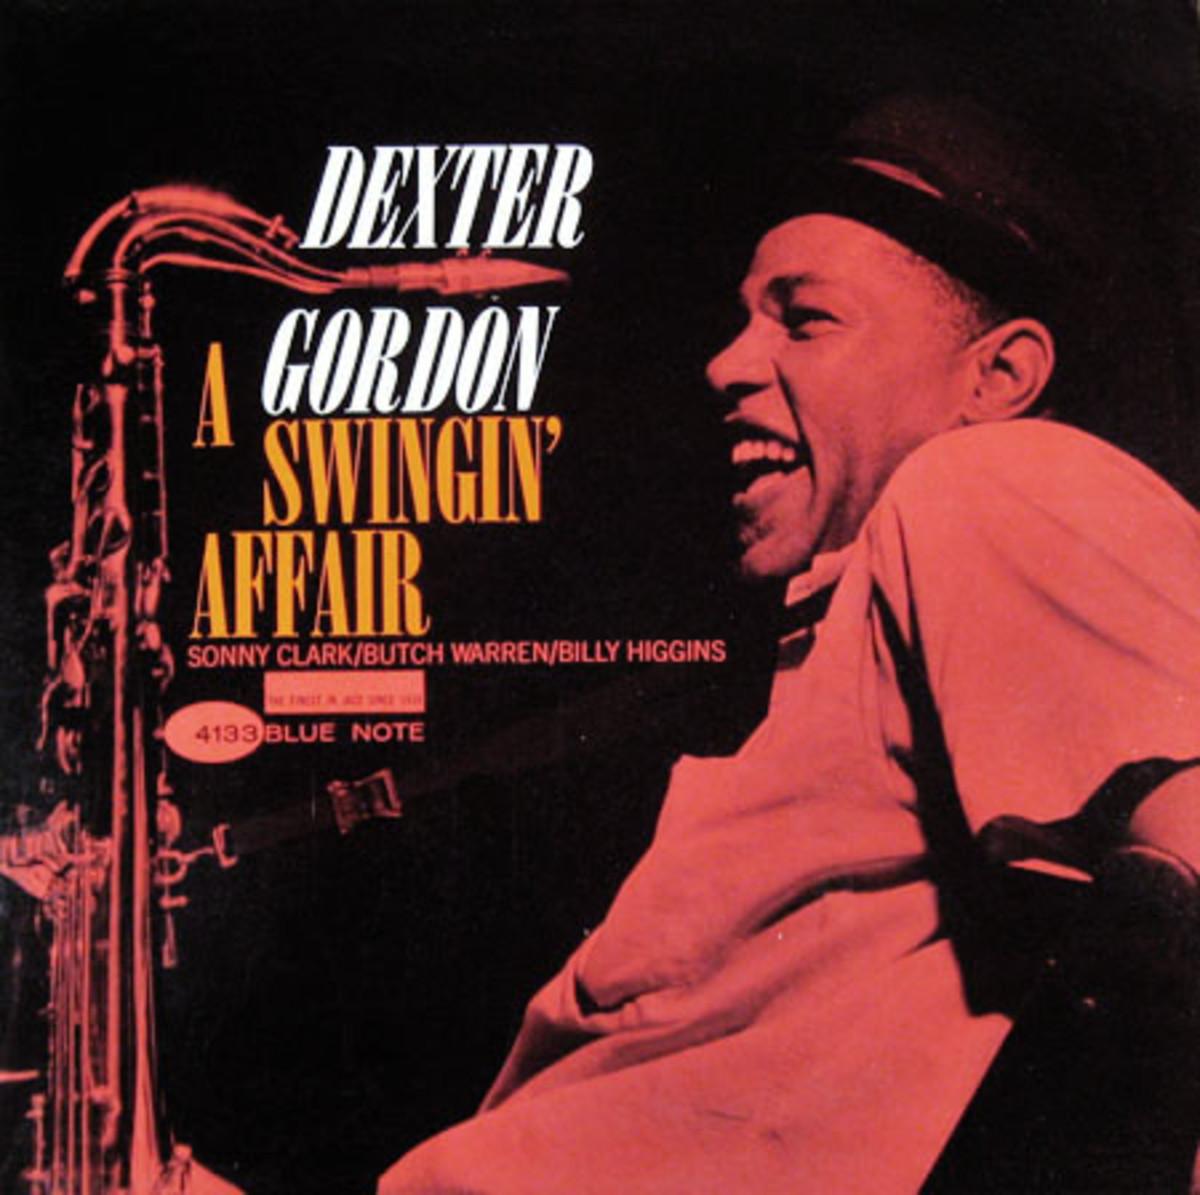 """Dexter Gordon """"A Swingin´ Affair"""" Blue Note 4133 12"""" LP Vinyl Record (1963) Album Cover Design by Reid Miles, Photo by Francis Wolff"""